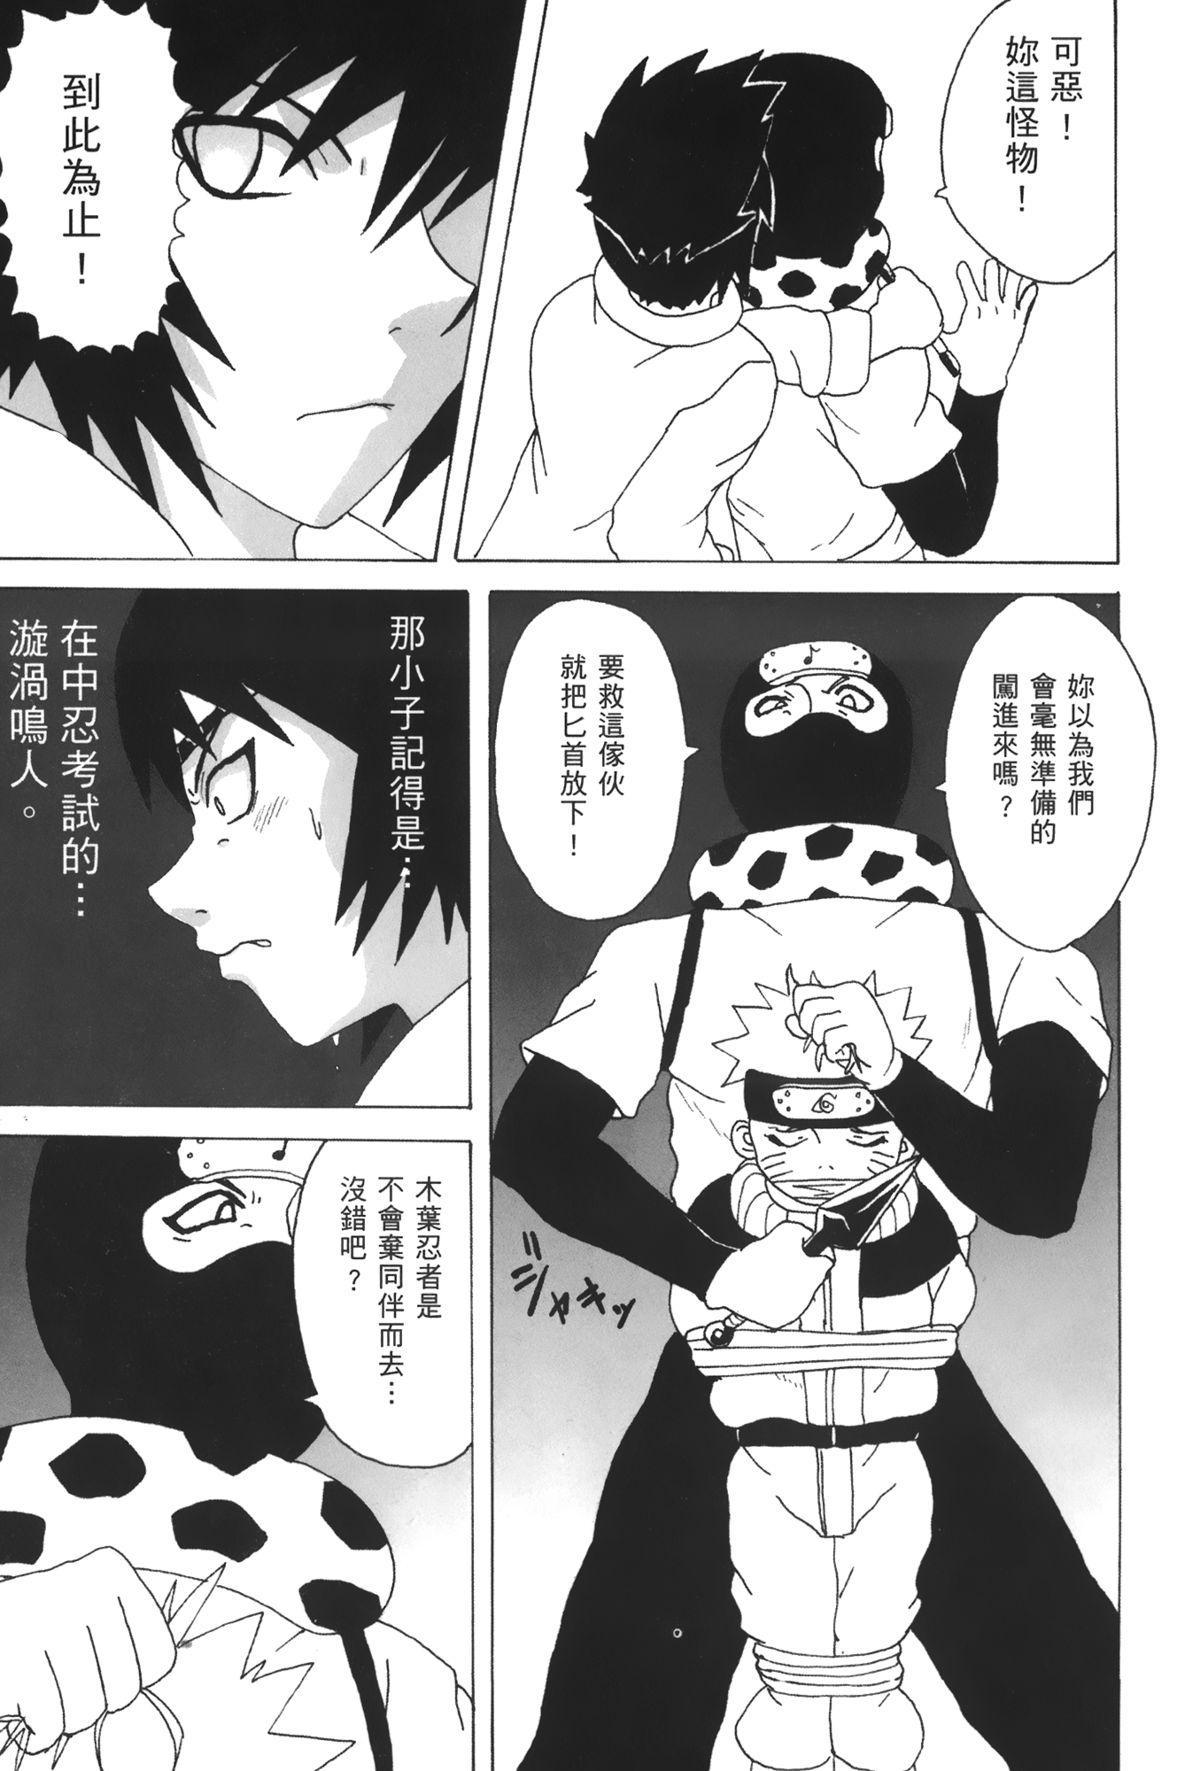 naruto ninja biography vol.09 116